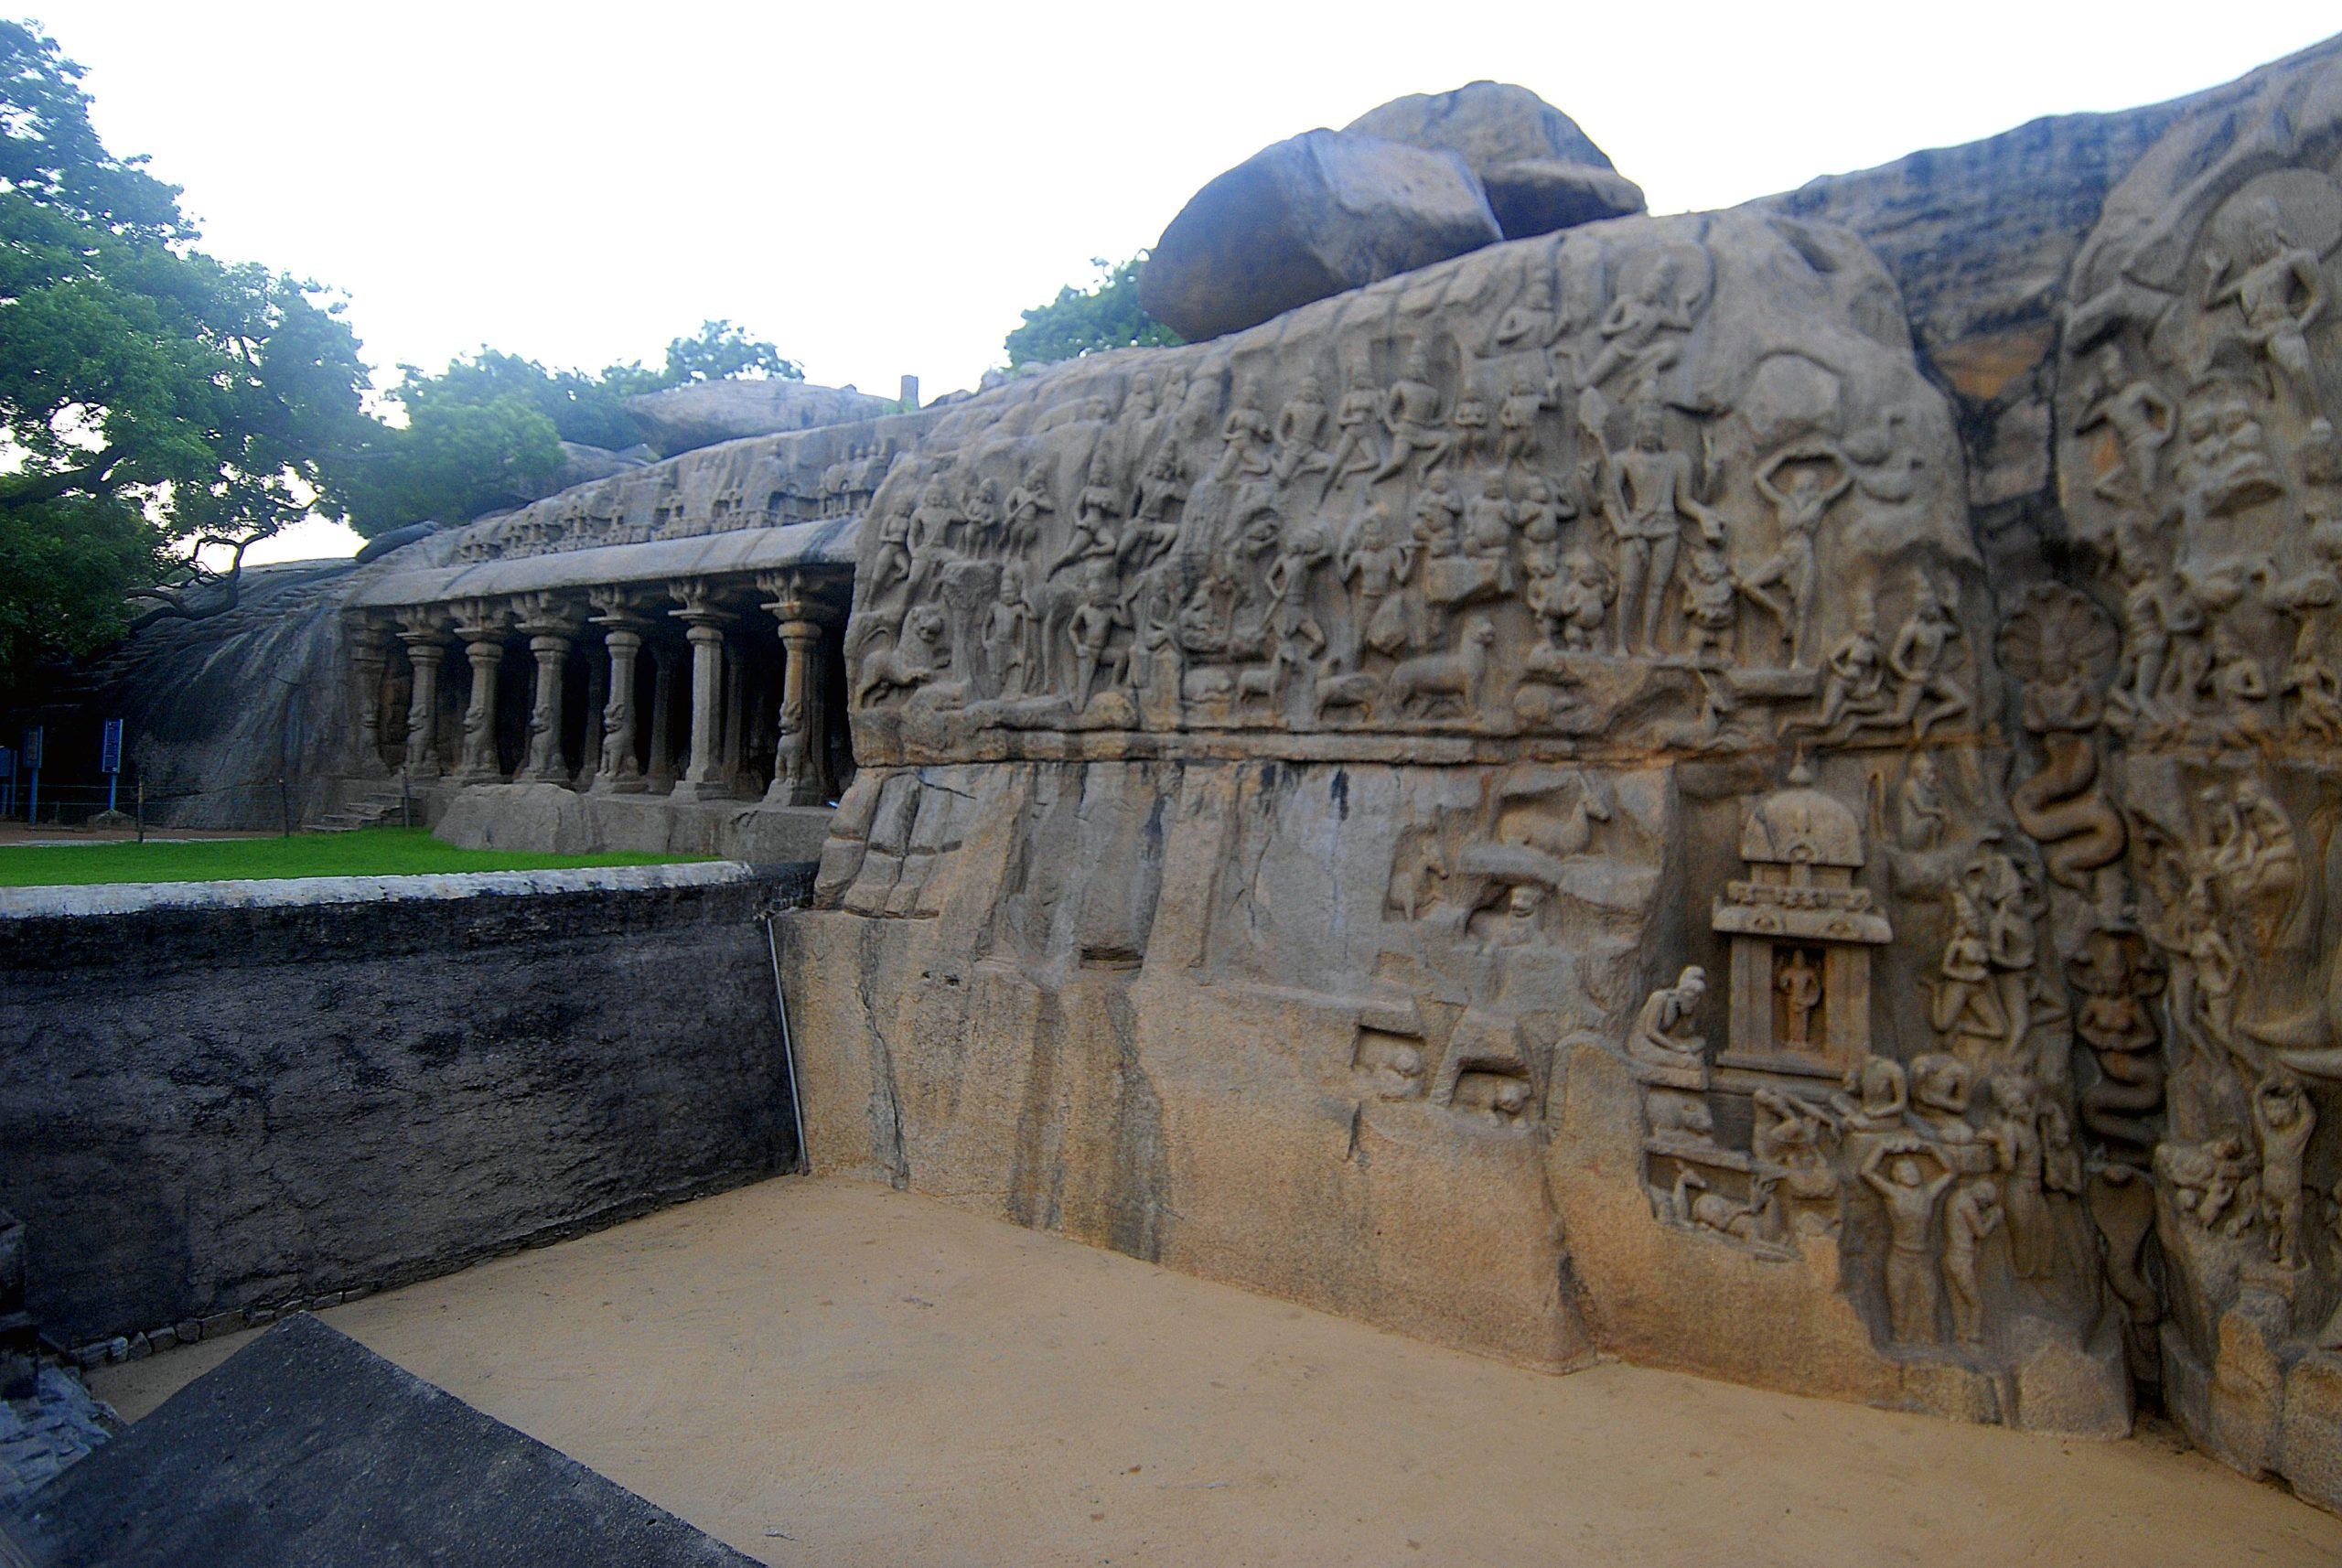 Stone craving of Mahabalipuram